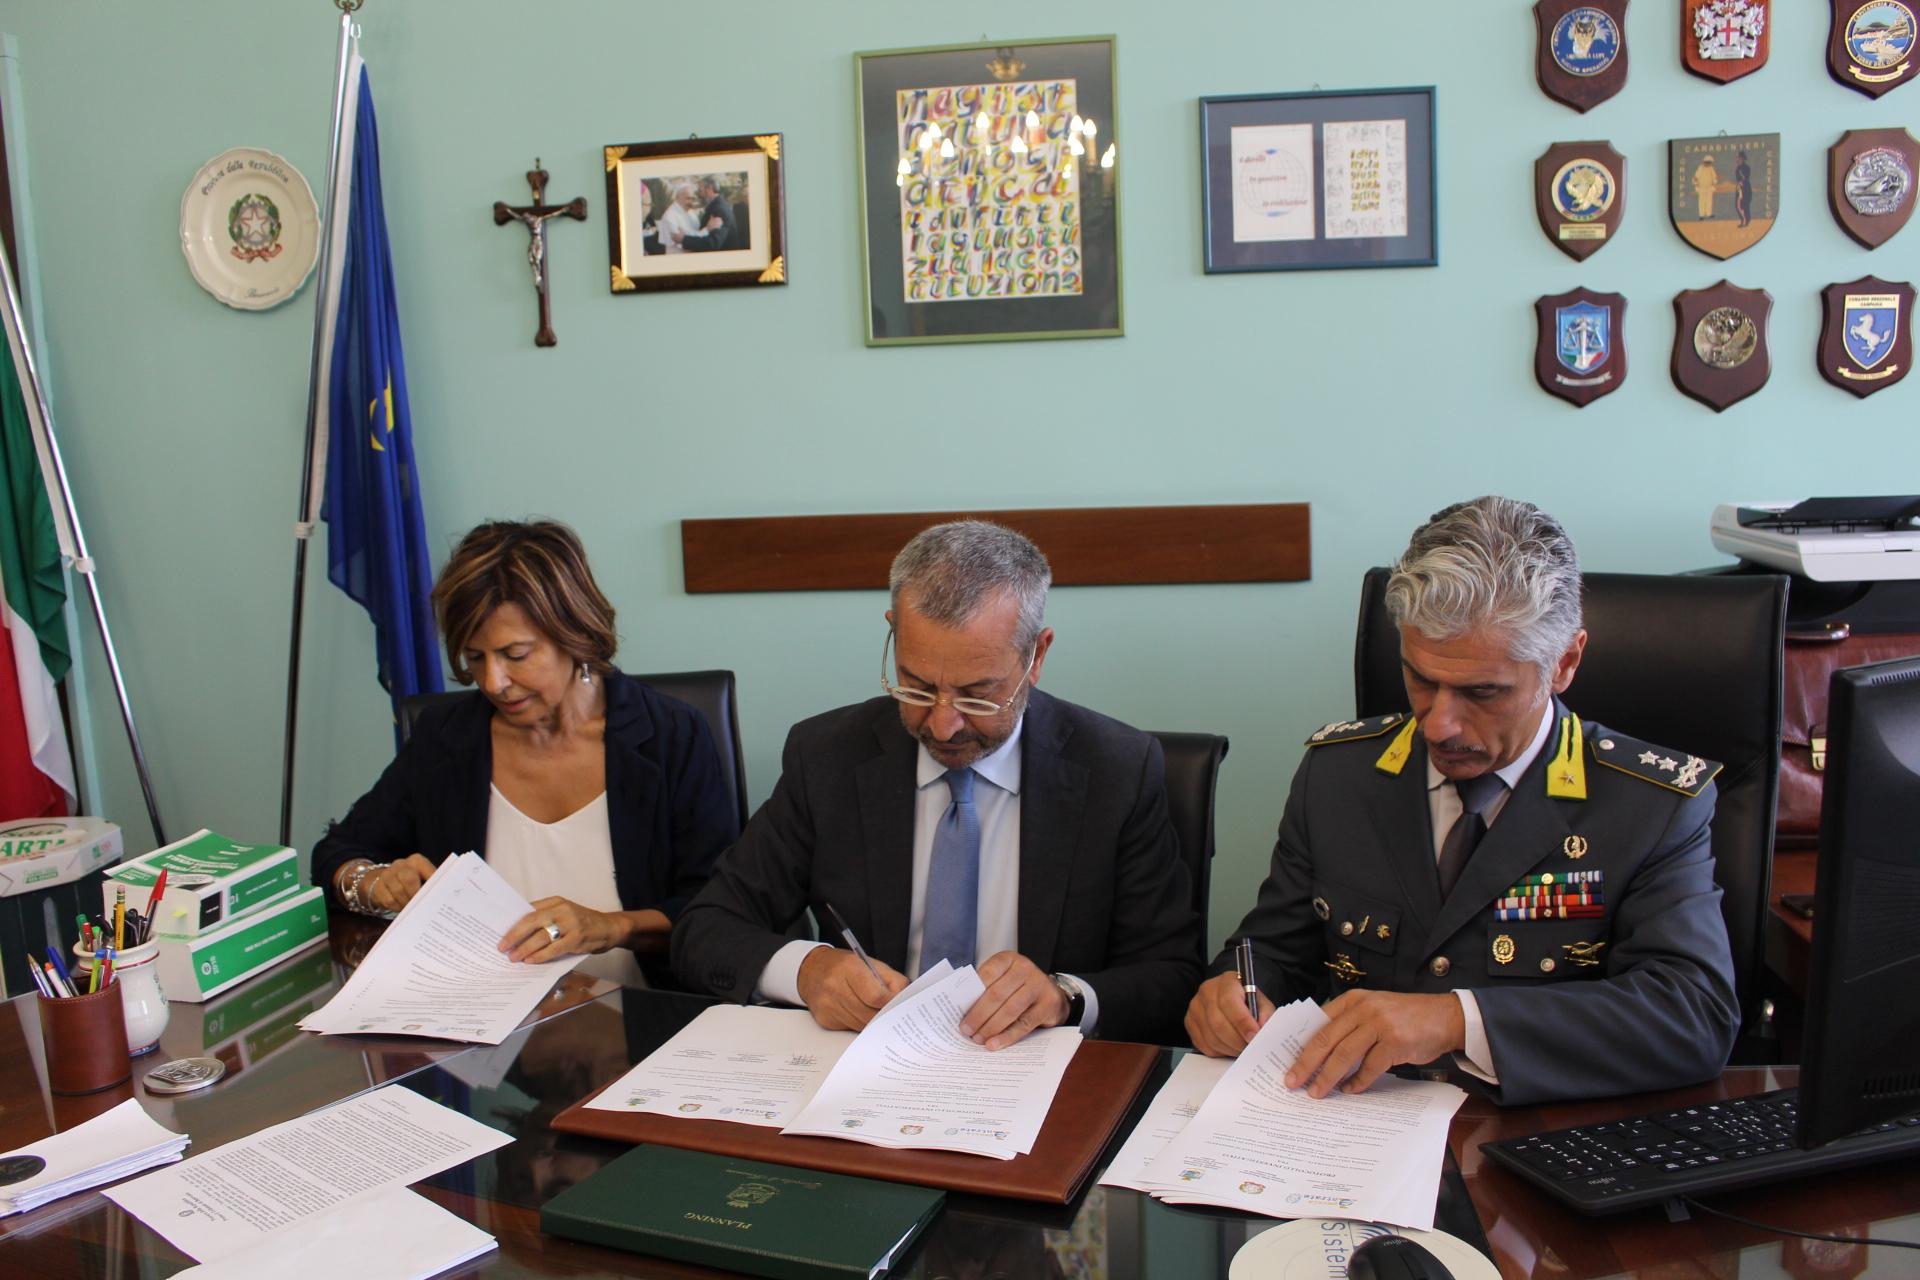 Siglato protocollo d'intesa per rafforzare il coordinamento investigativo tra Autorità giudiziaria e Amministrazione finanziaria locale